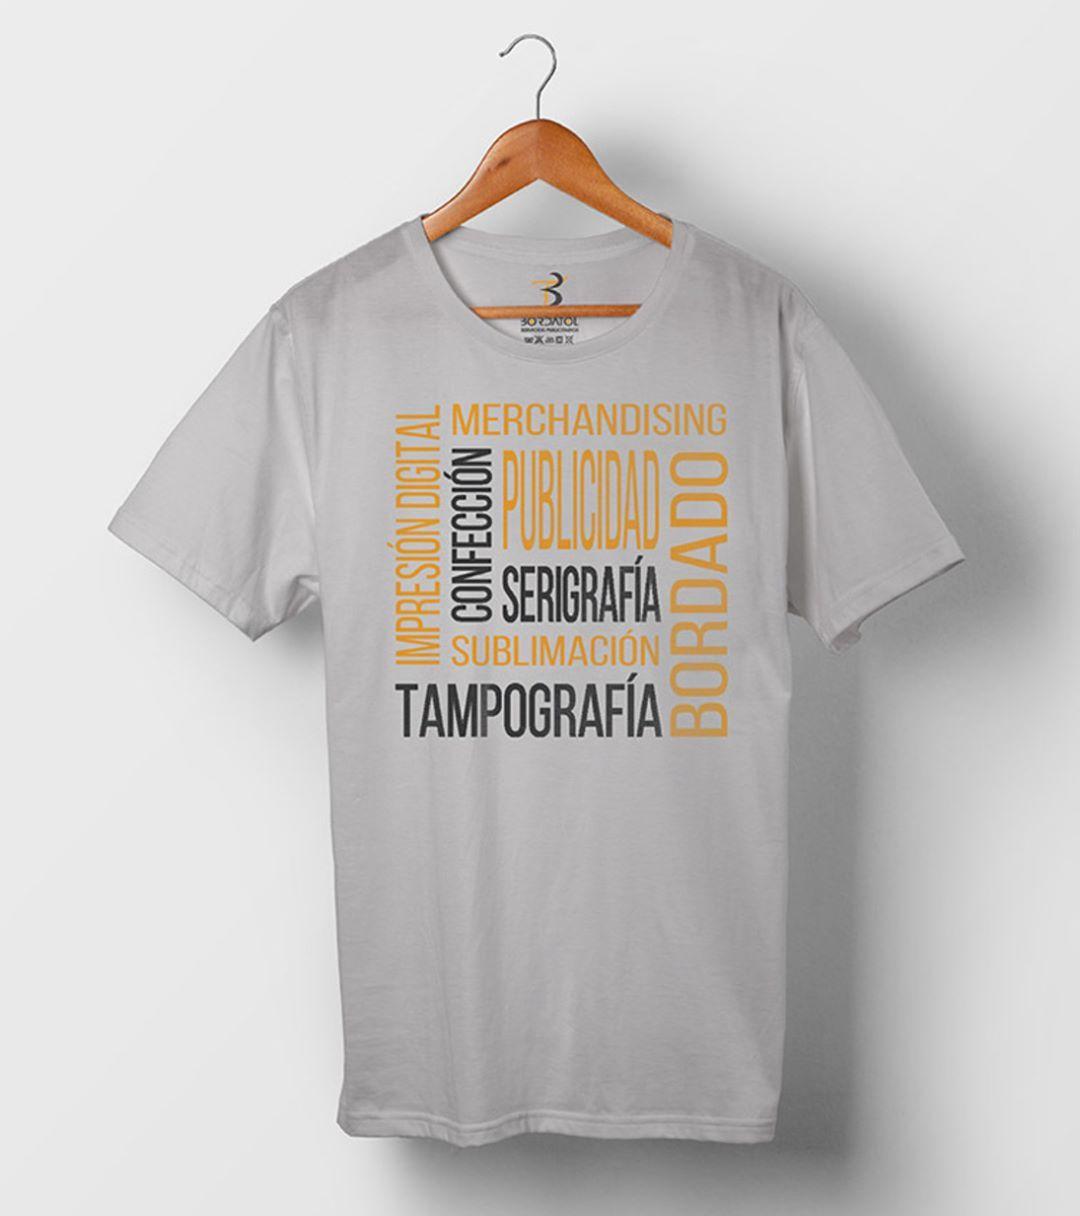 Servicios publicitarios, creación de marca, camisetas personalizadas...Bordatol marca la diferencia